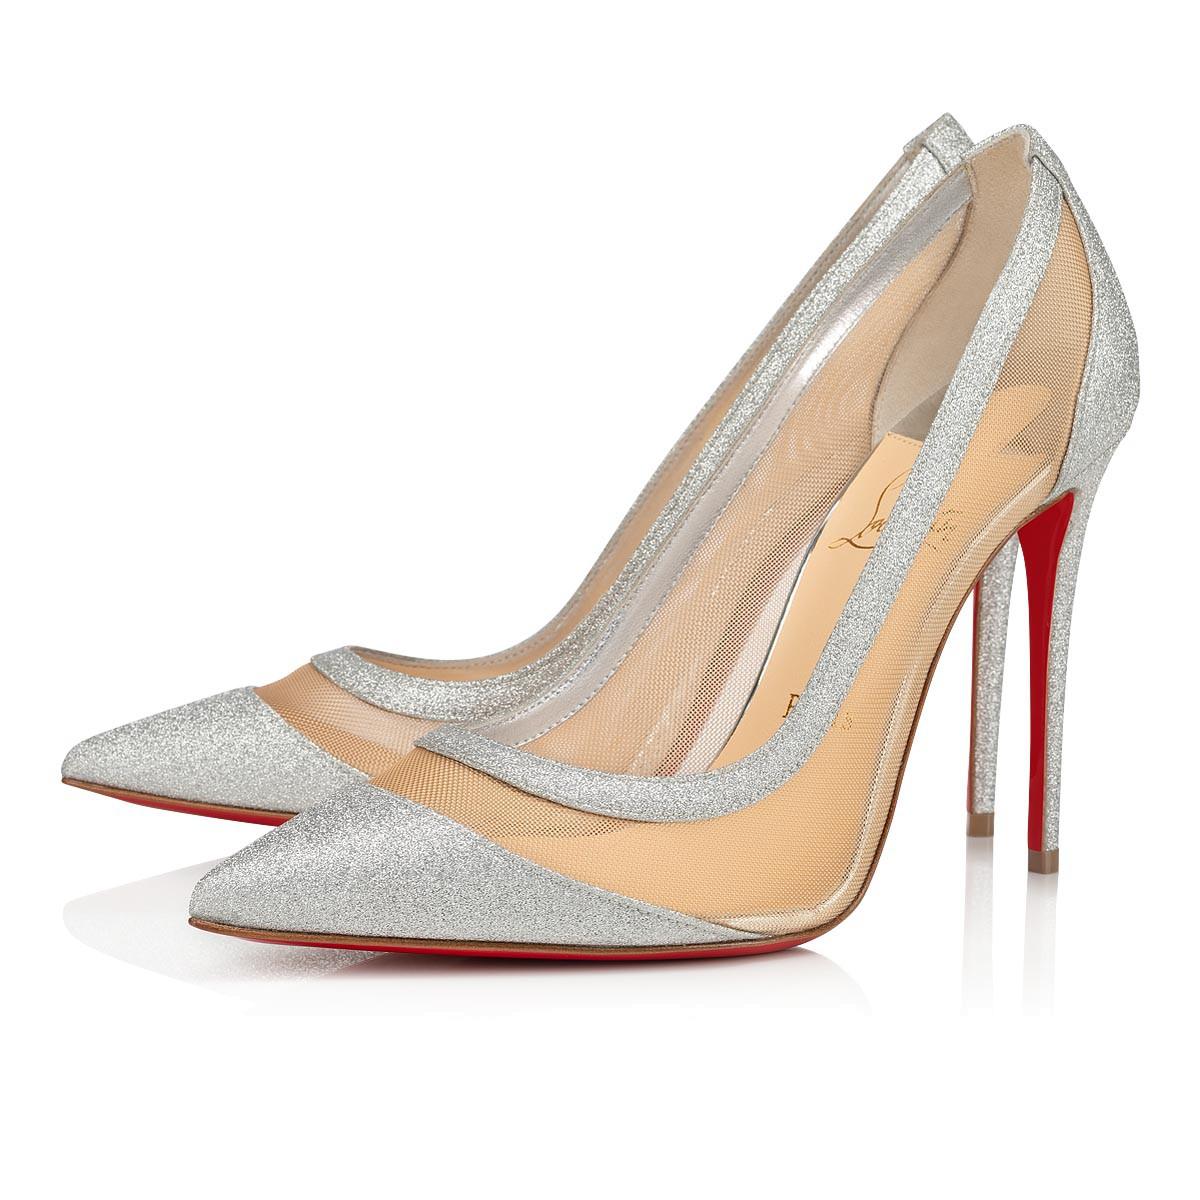 christian louboutin sparkly heels \u003e Up